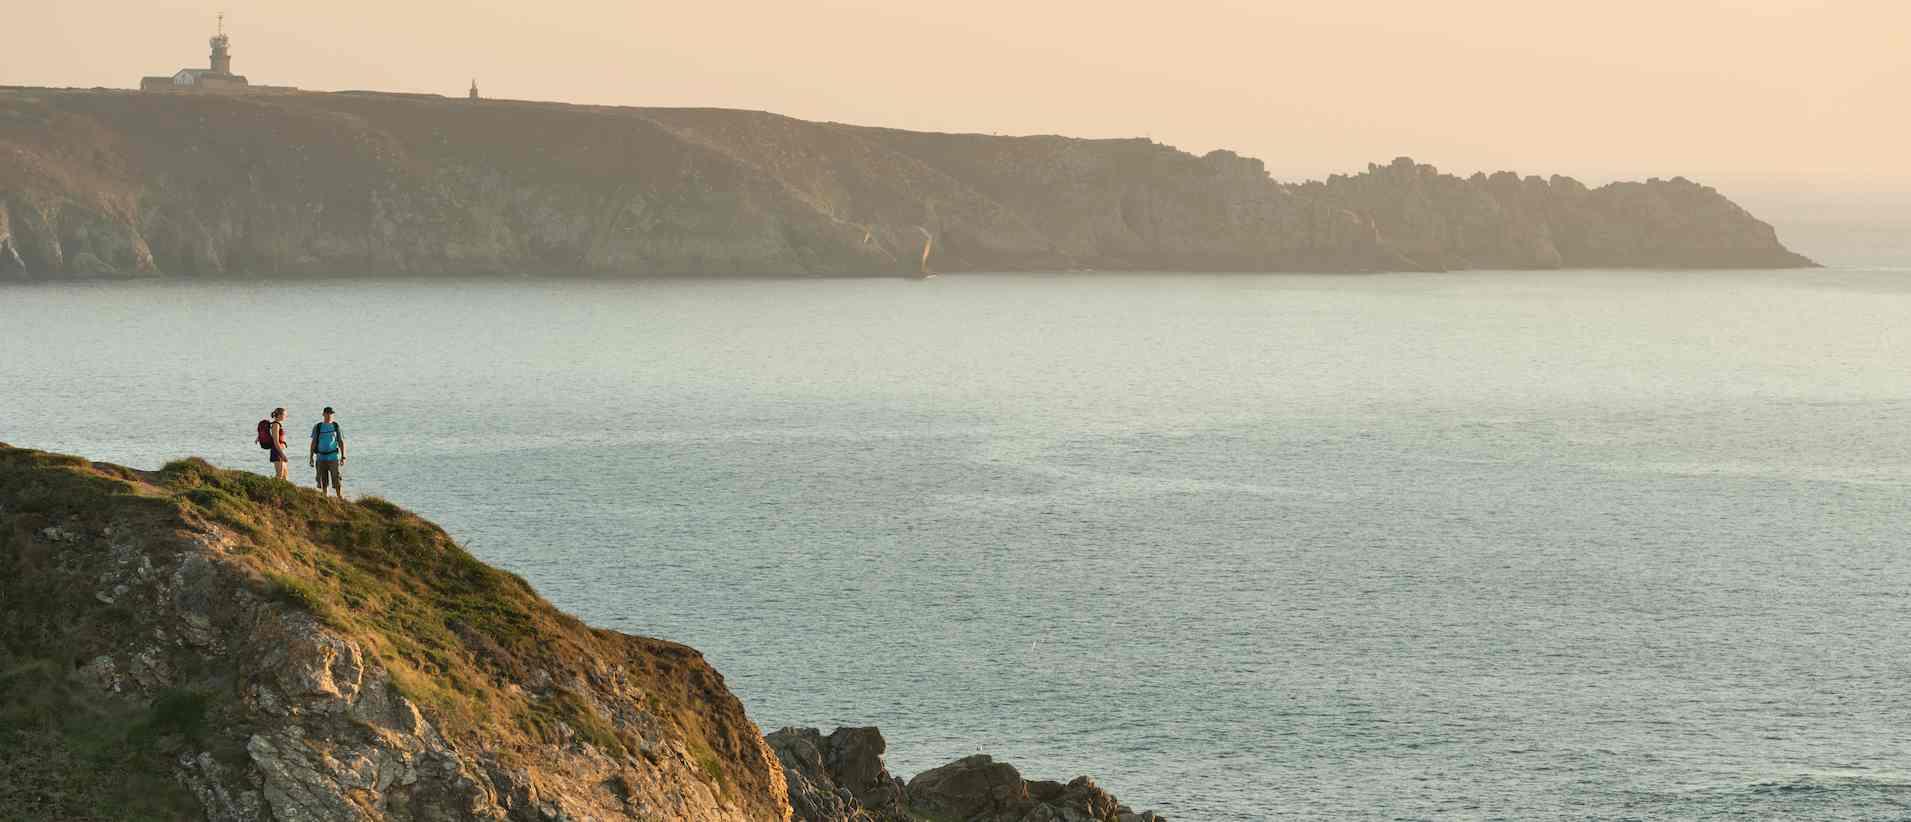 Les baies du Finistère